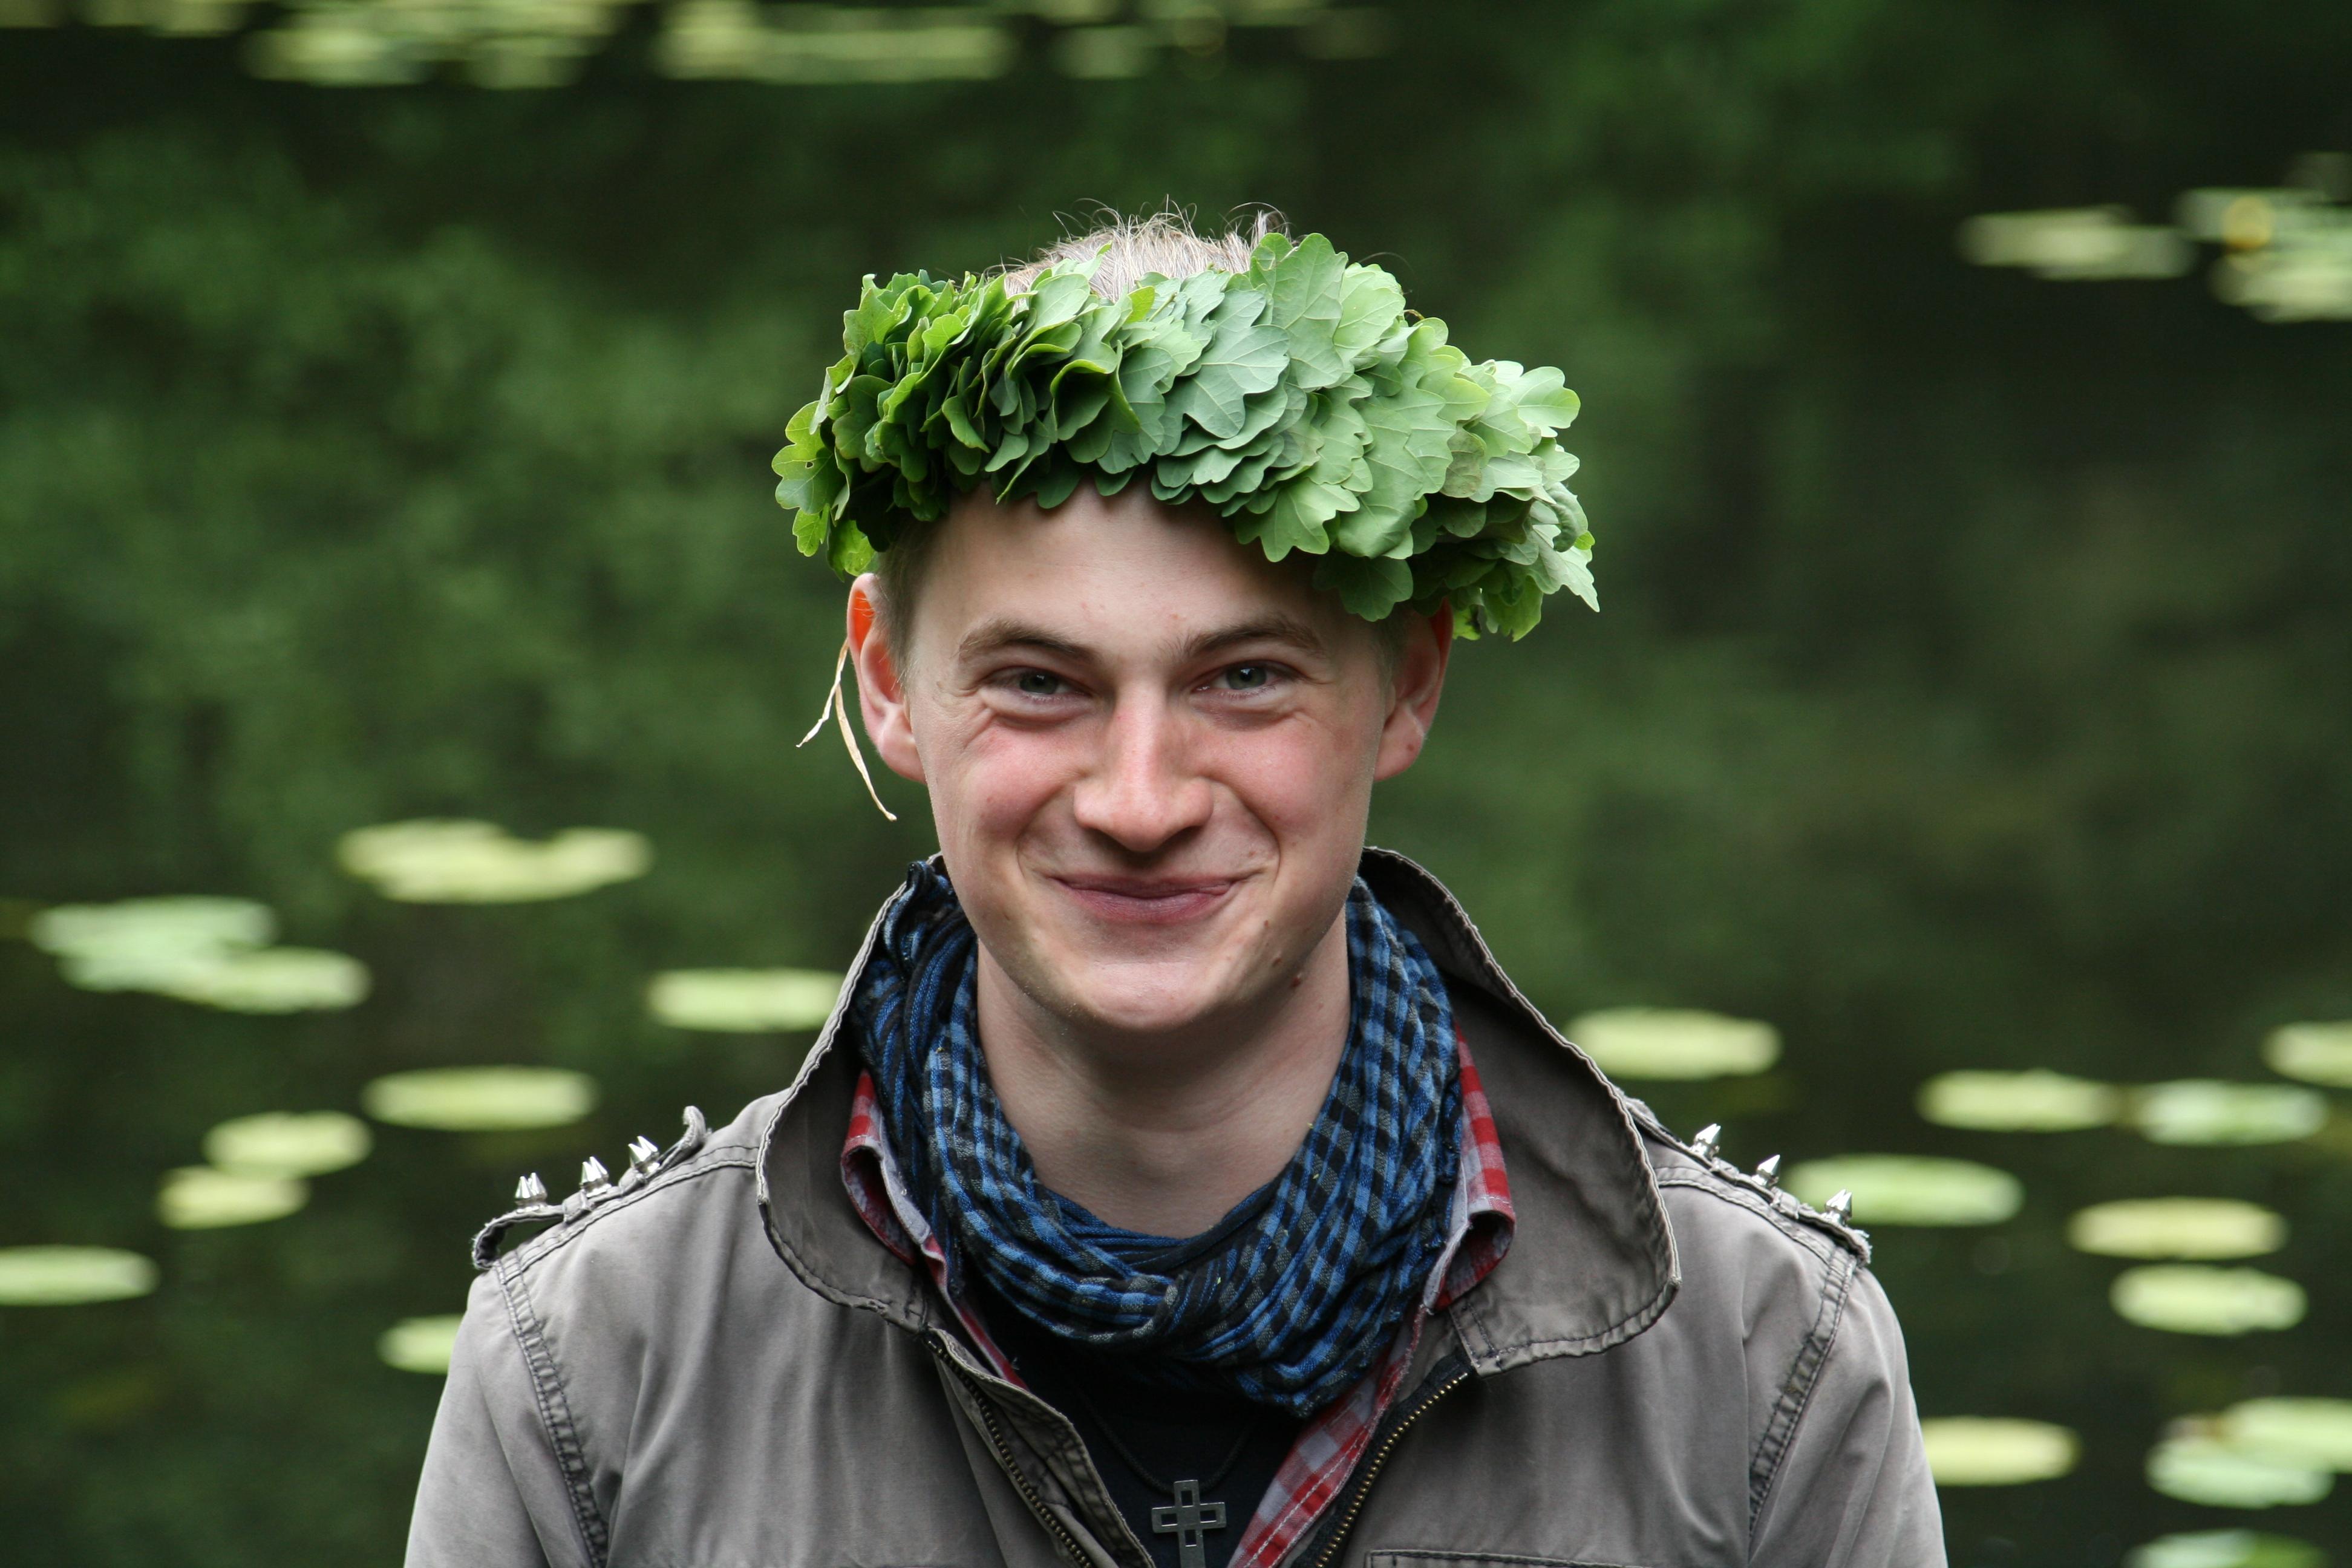 In Lettland feiert man wie in Schweden, das Mittsommerfest. Frauen und Mädchen schmücken sich mit Blütenkränzen, während Jungen und Männer üppige Kronen aus Eichenblättern tragen.